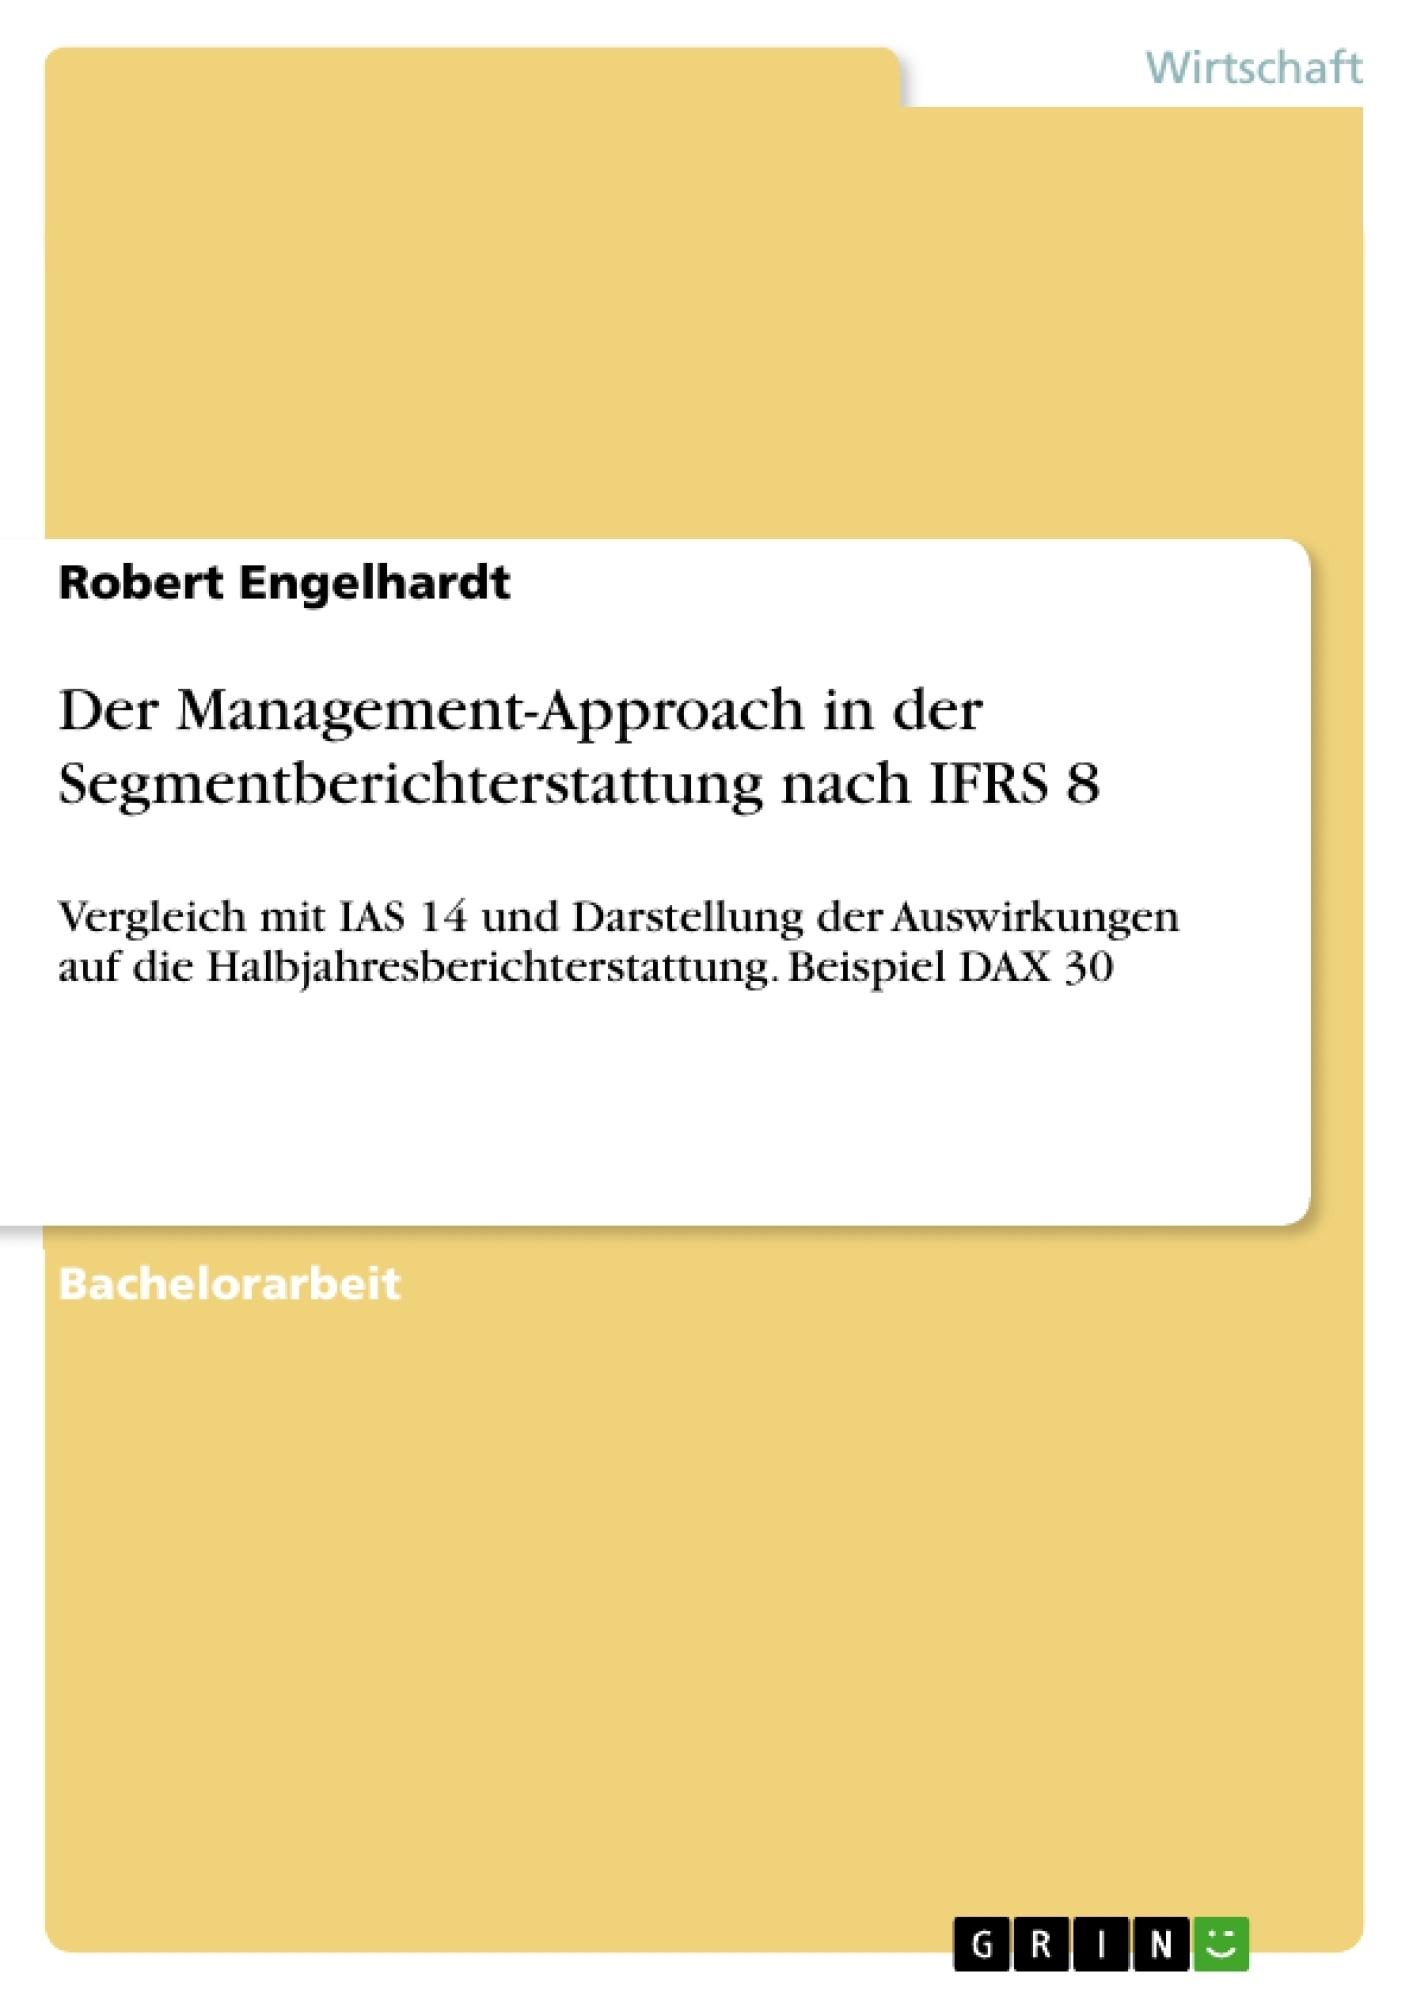 Titel: Der Management-Approach in der Segmentberichterstattung nach IFRS 8